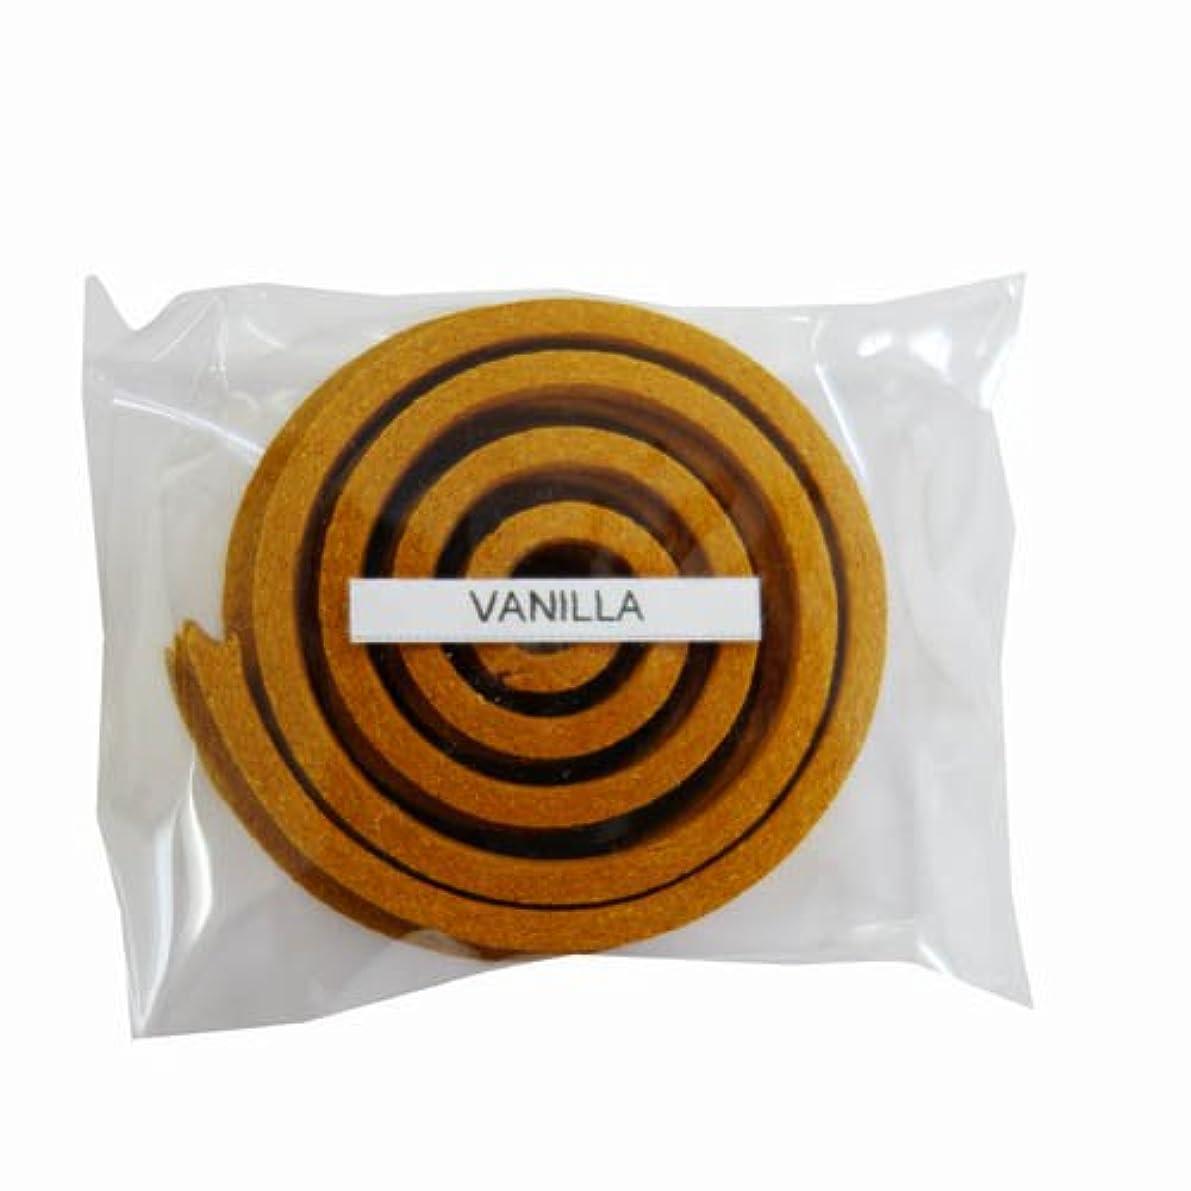 綺麗なバリケードハイランドお香/うずまき香 VANILLA バニラ 直径5cm×5巻セット [並行輸入品]